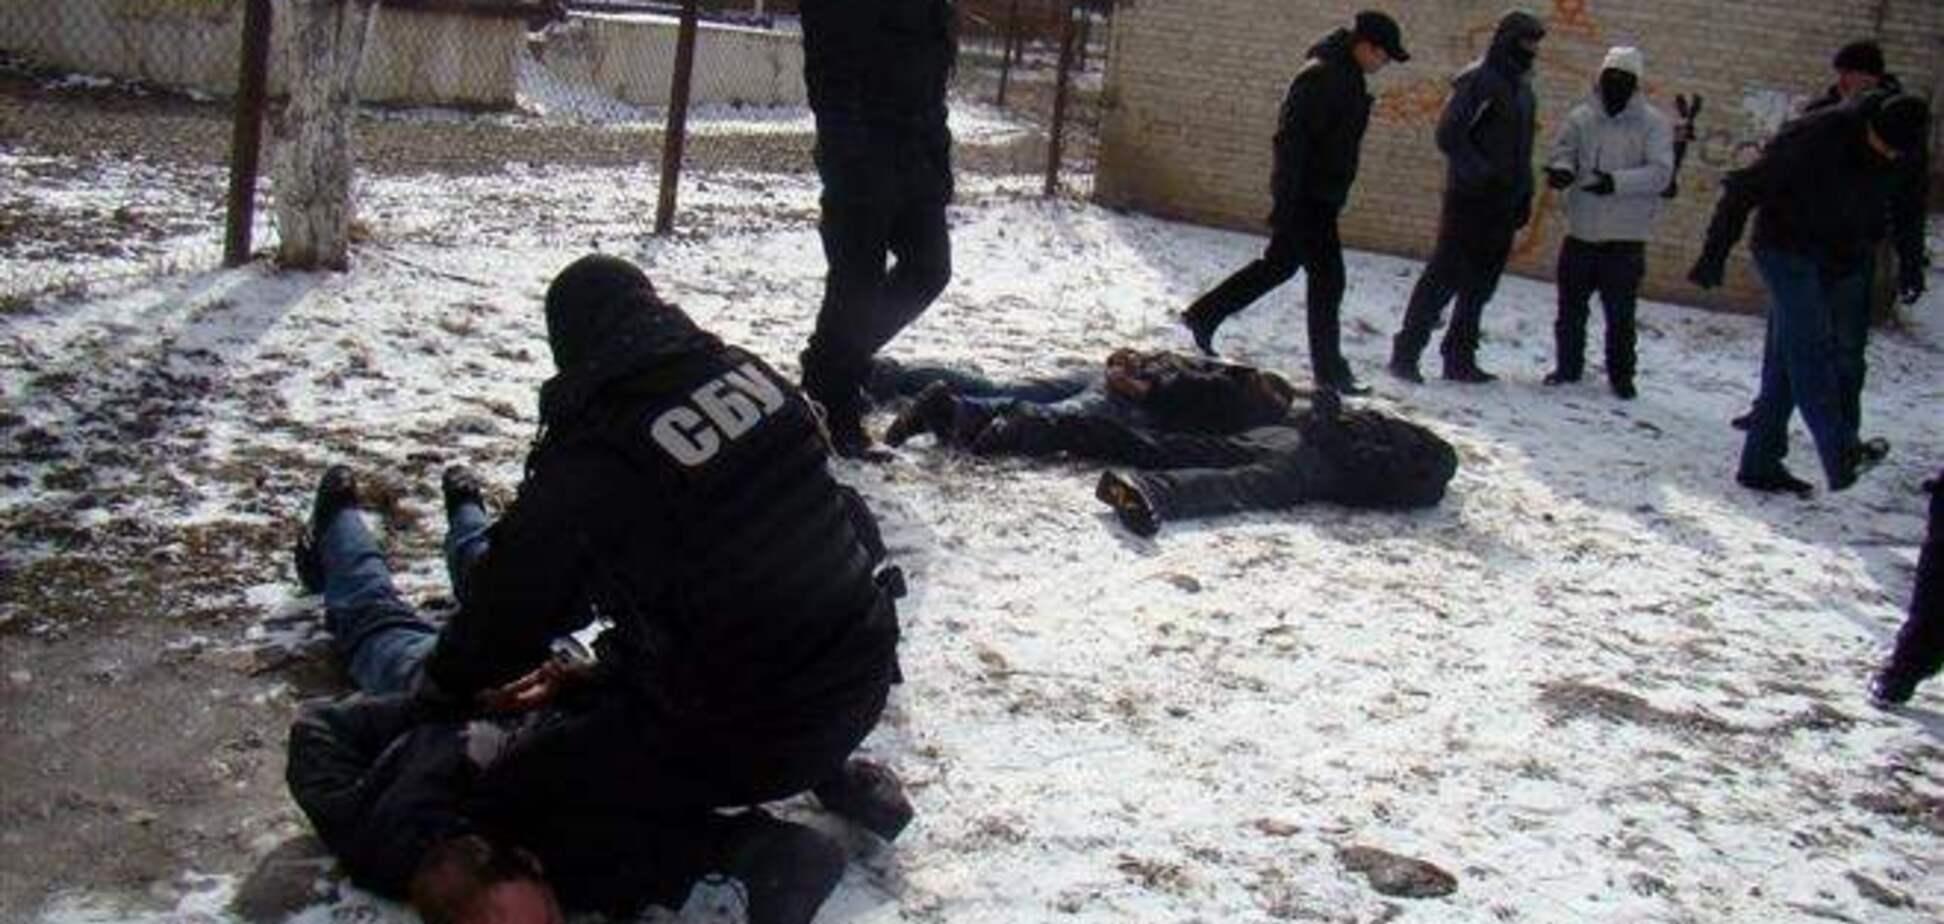 СБУ заявляє про активізацію антитерористичних заходів